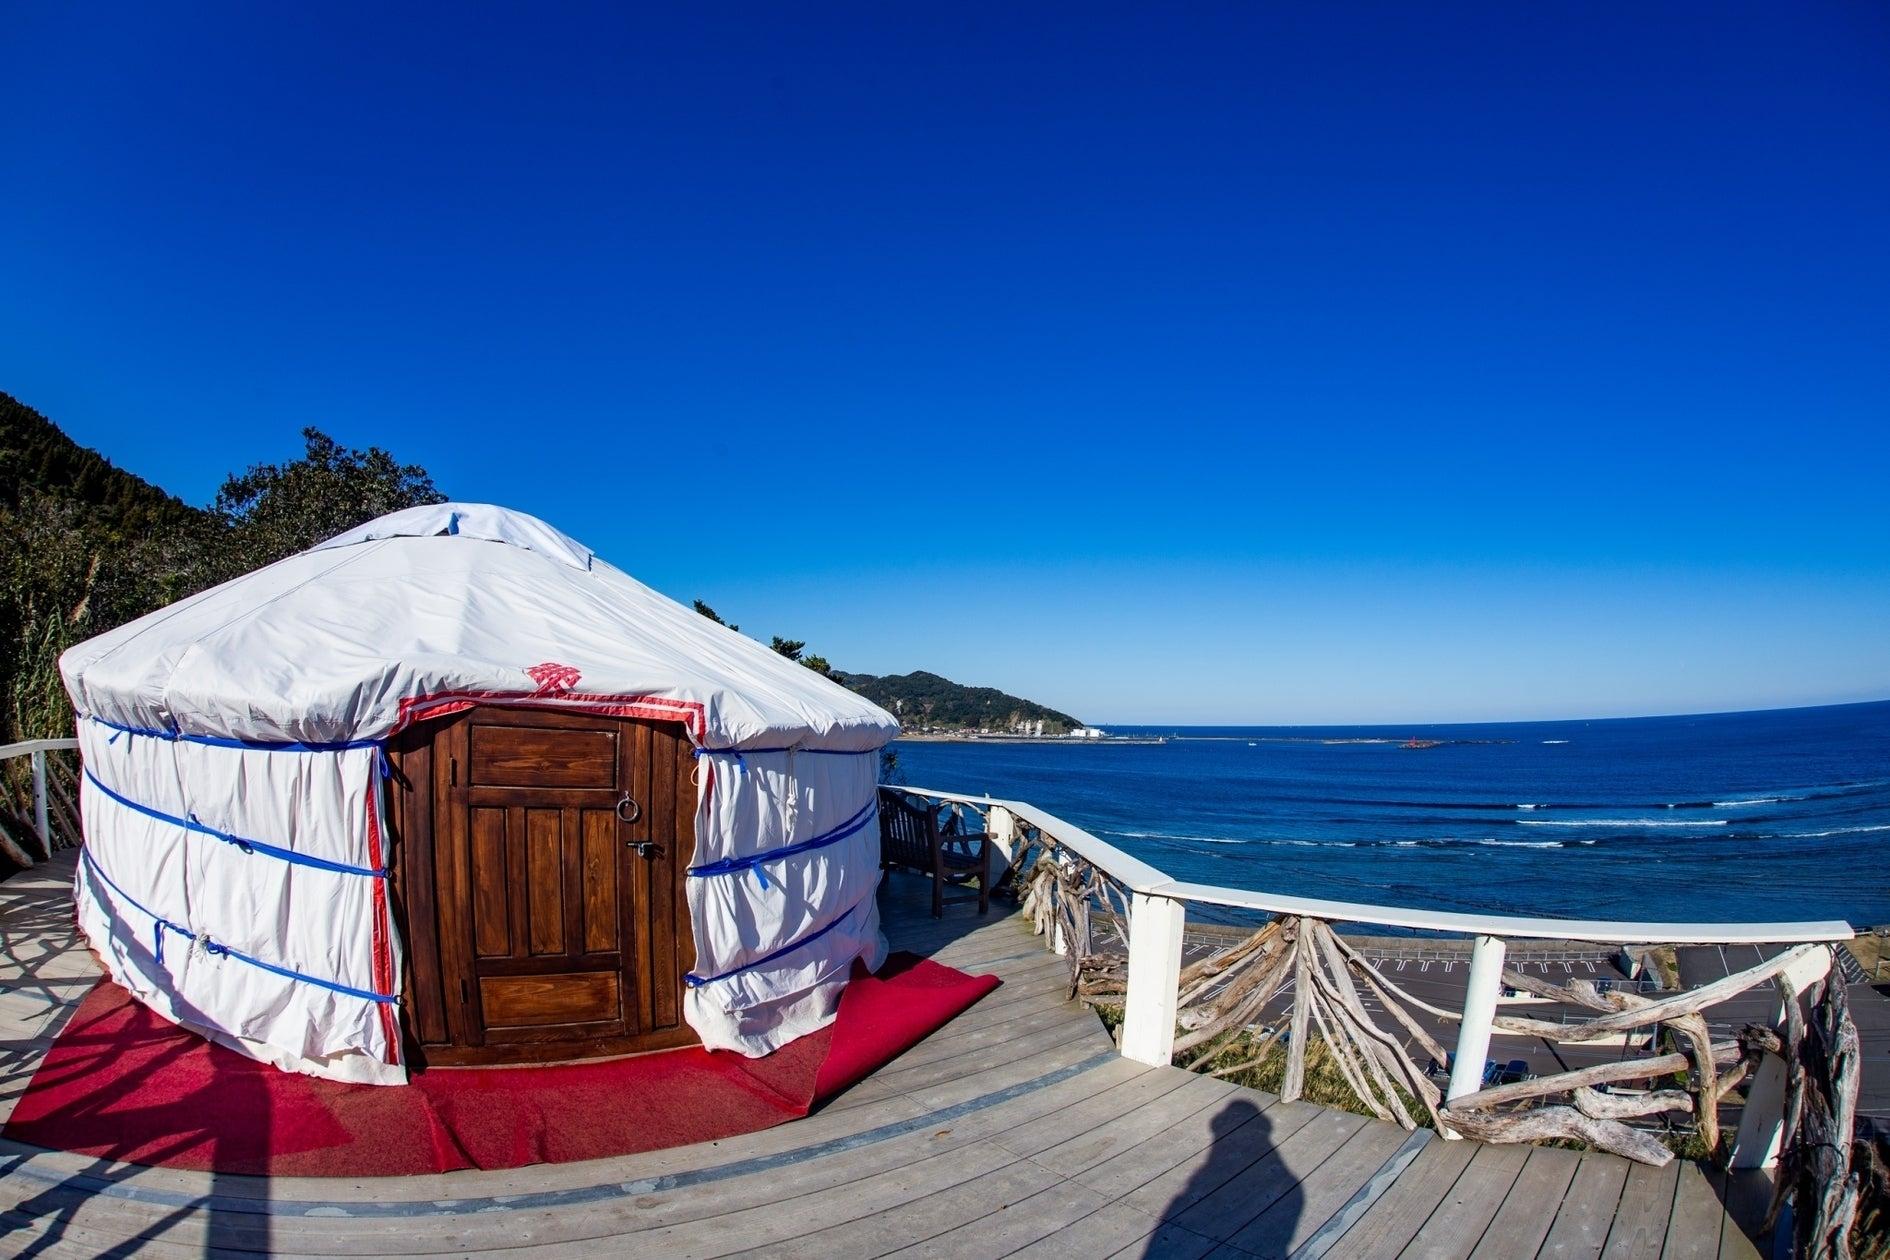 モンゴルから来たゲルテント!ヨガやマッサージ、デイキャンプや写真撮影などに♪Ger Forest/ Blossom(cinema HEAVEN内 camping villa Pillows) の写真0